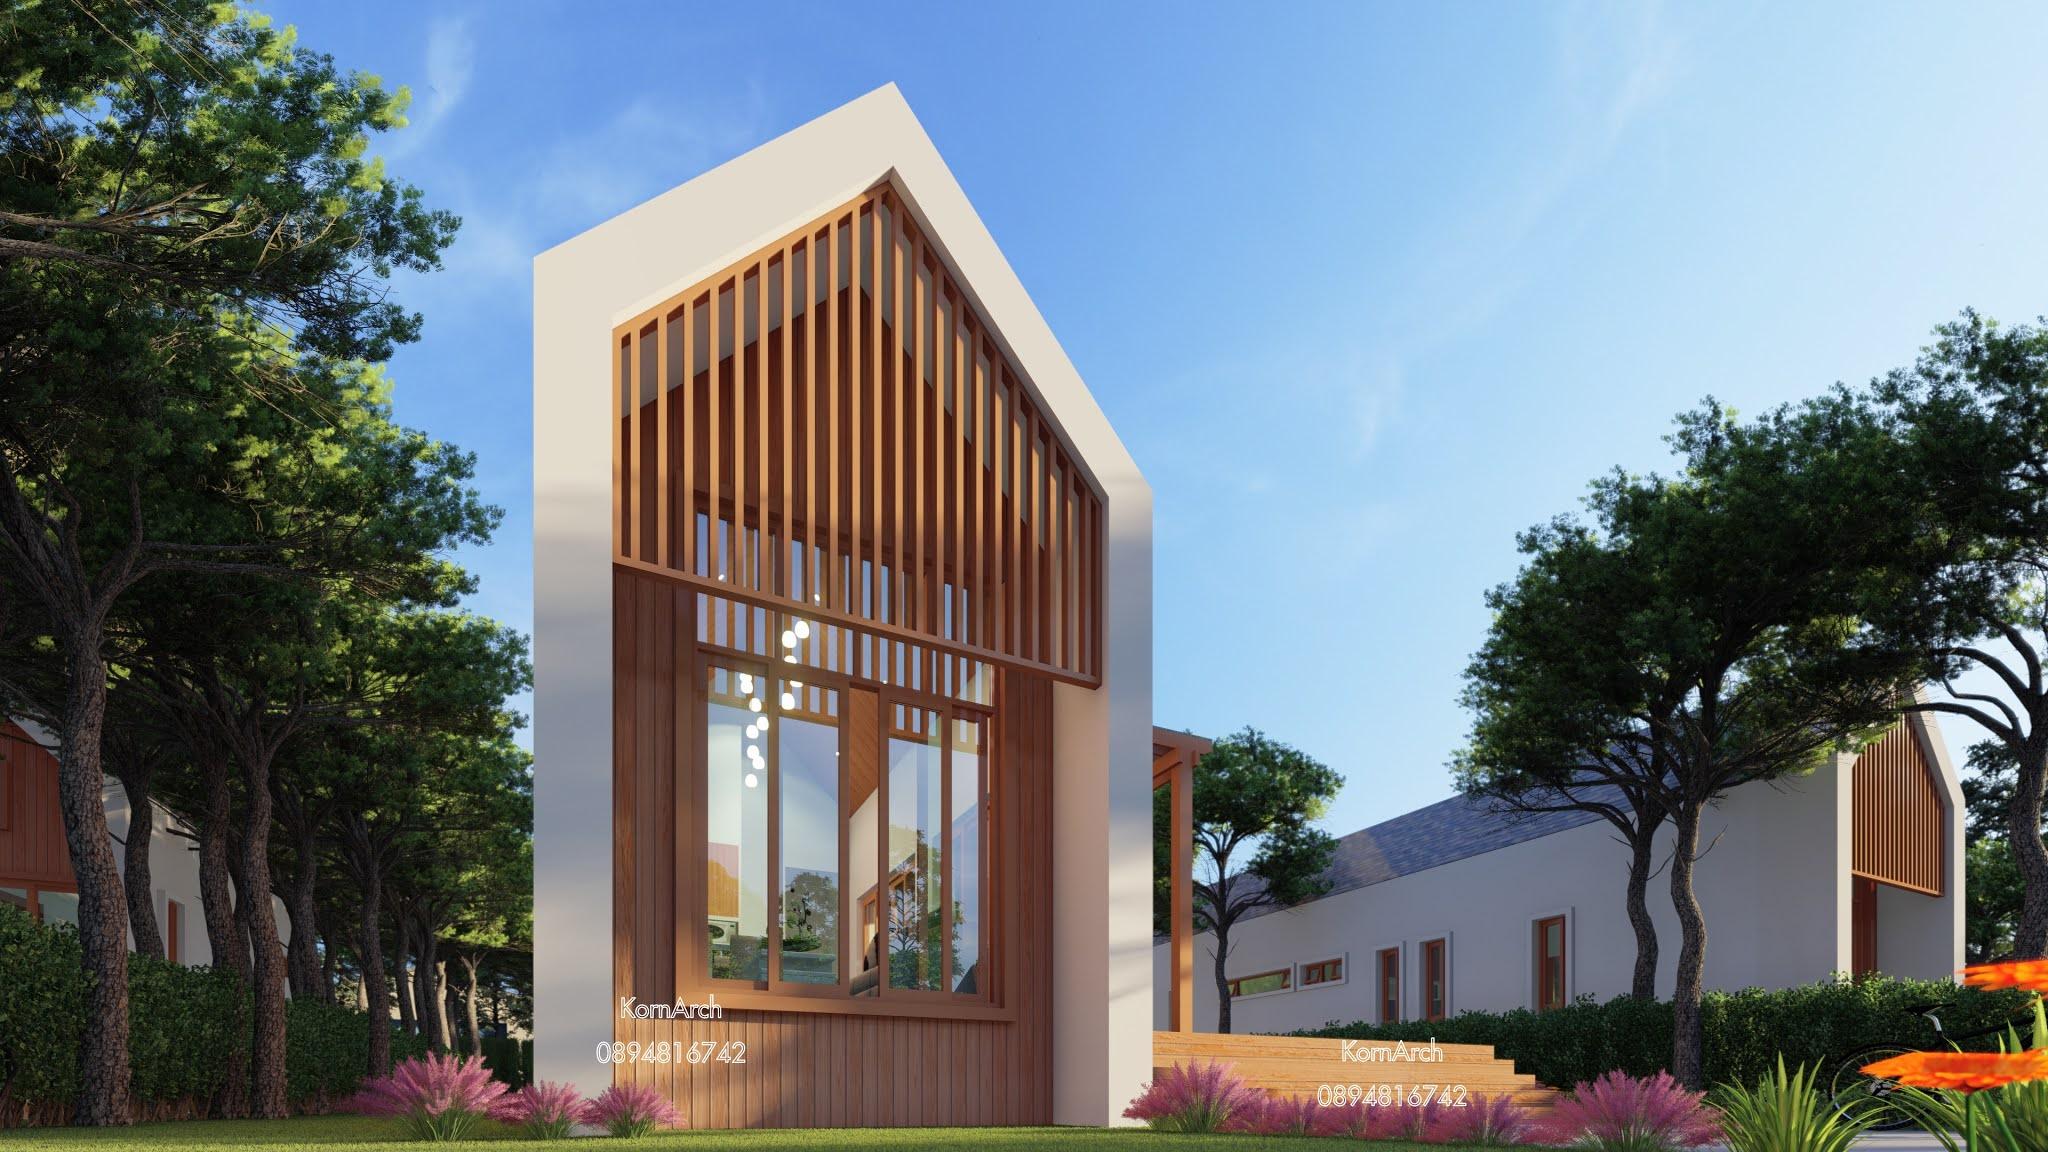 แบบบ้านชั้นเดียวพร้อมสระสไตล์นอร์ดิก เจ้าของอาคาร เดอะ โมเมนโต (The Momento) สถานที่ก่อสร้าง ต.สาริกา อ.เมือง จ.นครนายก